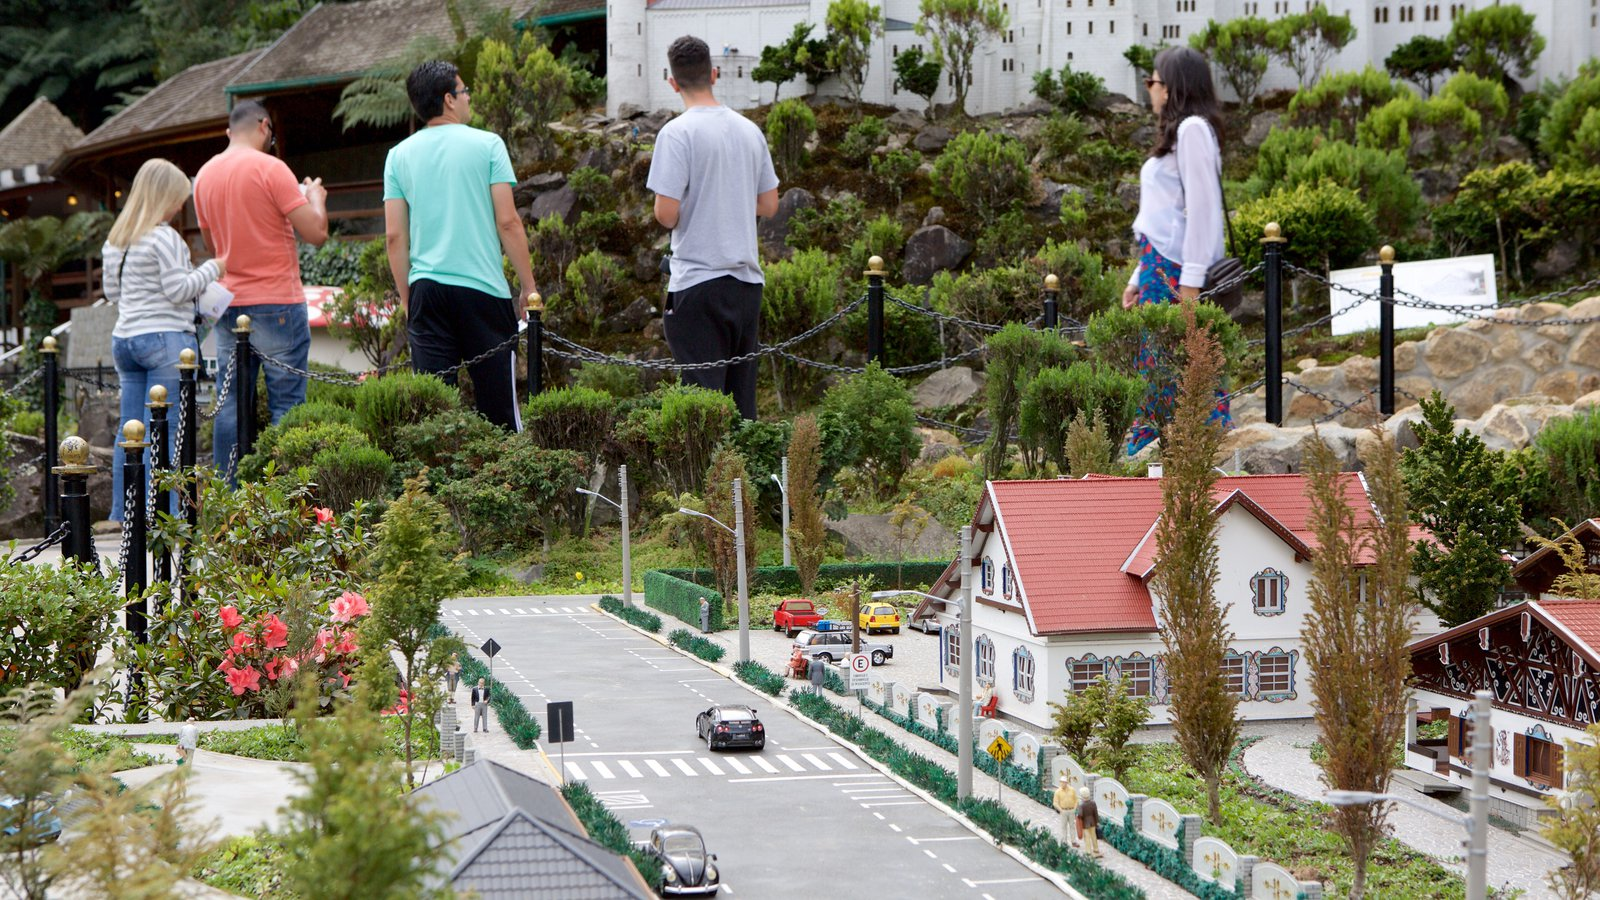 Mini Mundo mostrando passeios assim como um pequeno grupo de pessoas